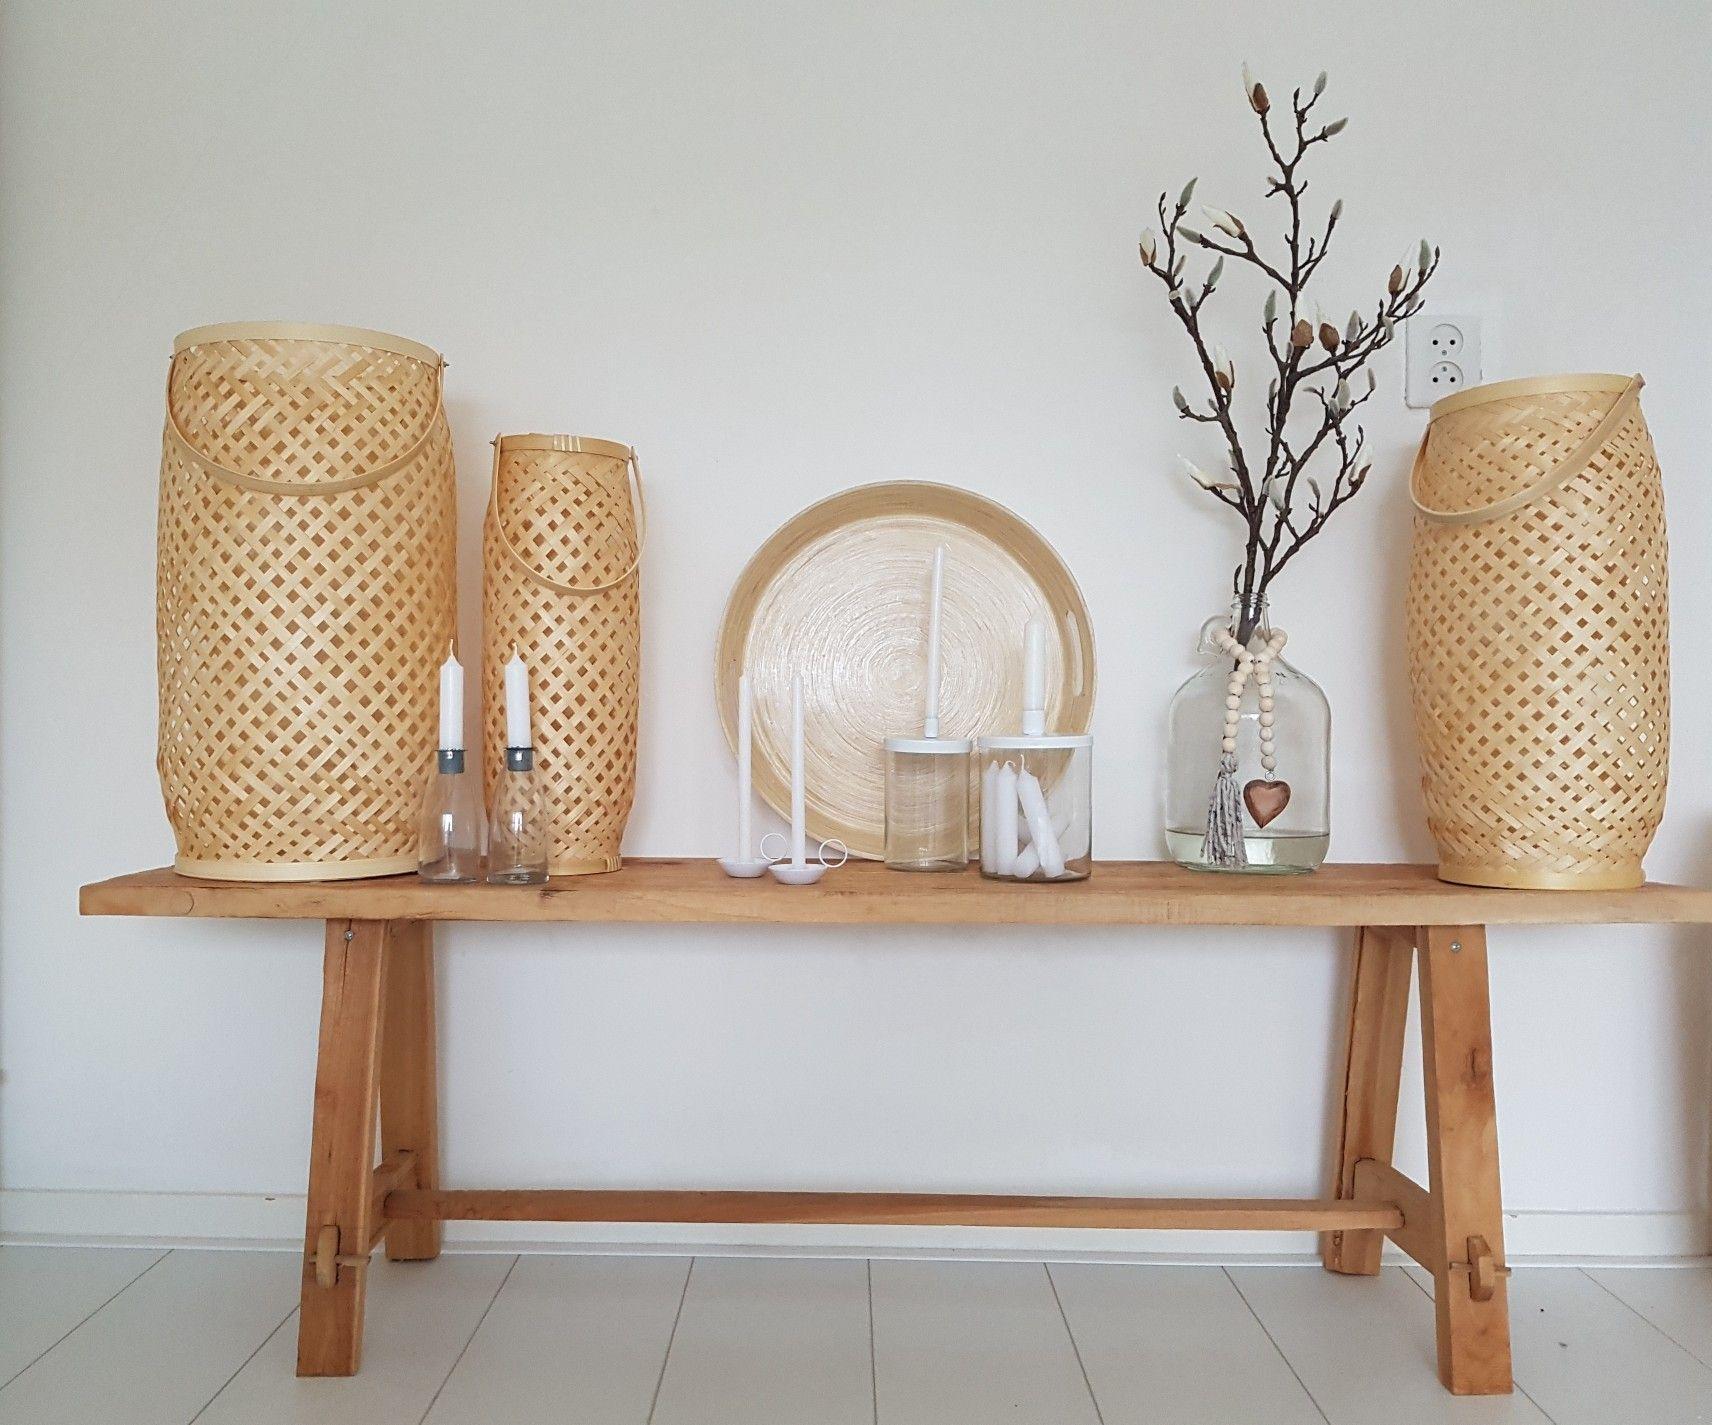 7 Ideeen Over Bamboe Bamboe Bamboe Decoratie Interieurontwerp Keuken